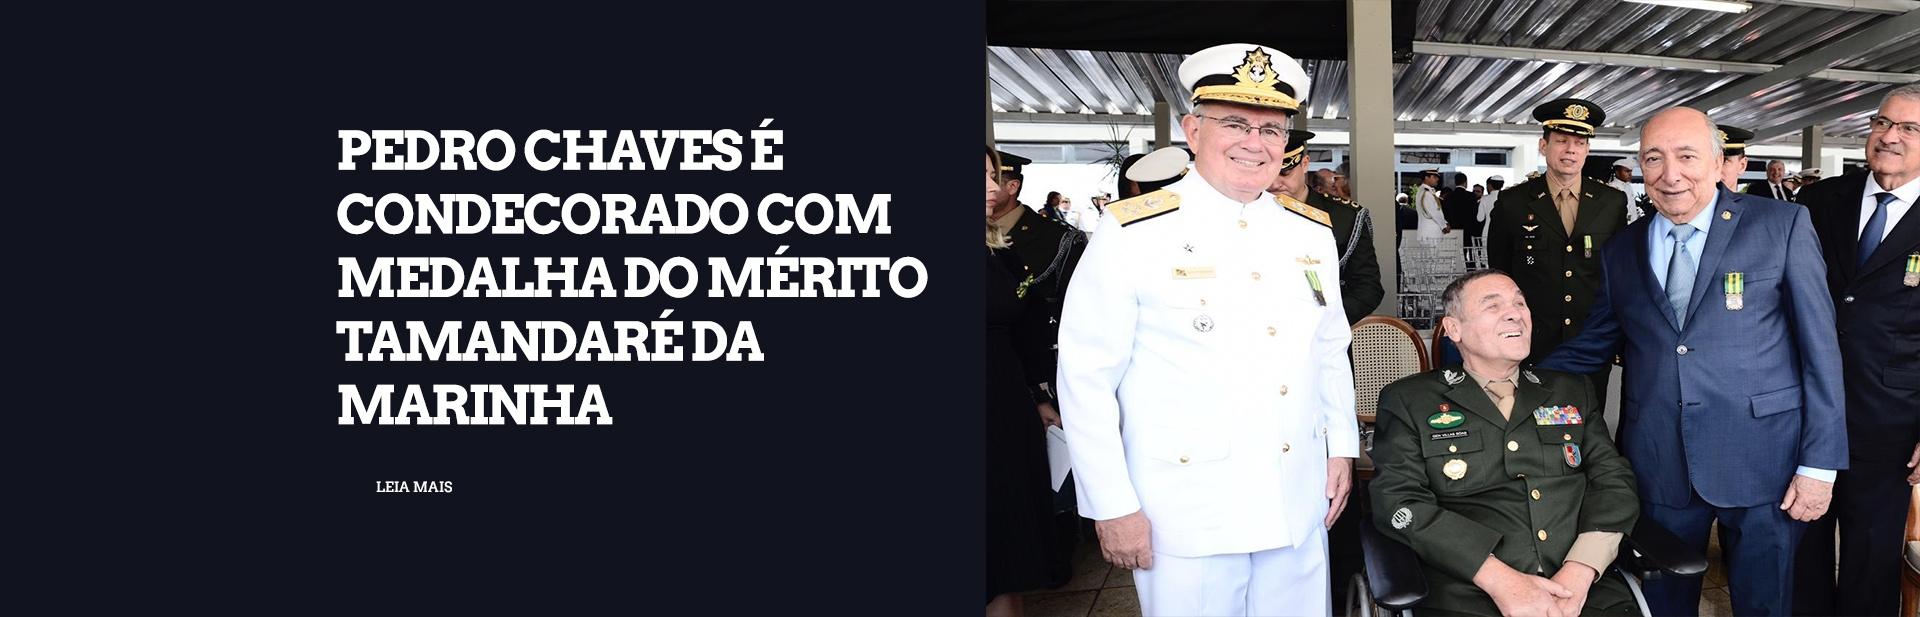 Pedro Chaves é condecorado com medalha do Mérito Tamandaré da Marinha